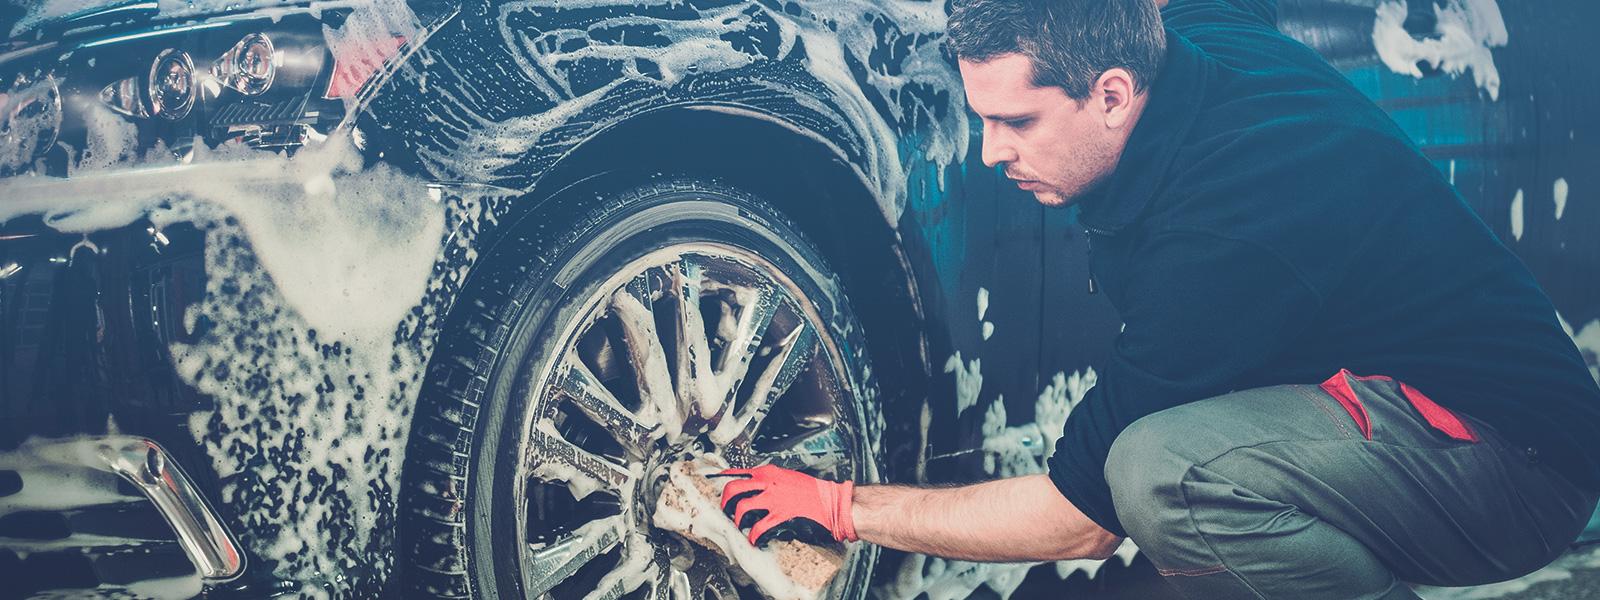 capa-6-dicas-lavar-seu-carro-sozinho-blog-ceabs